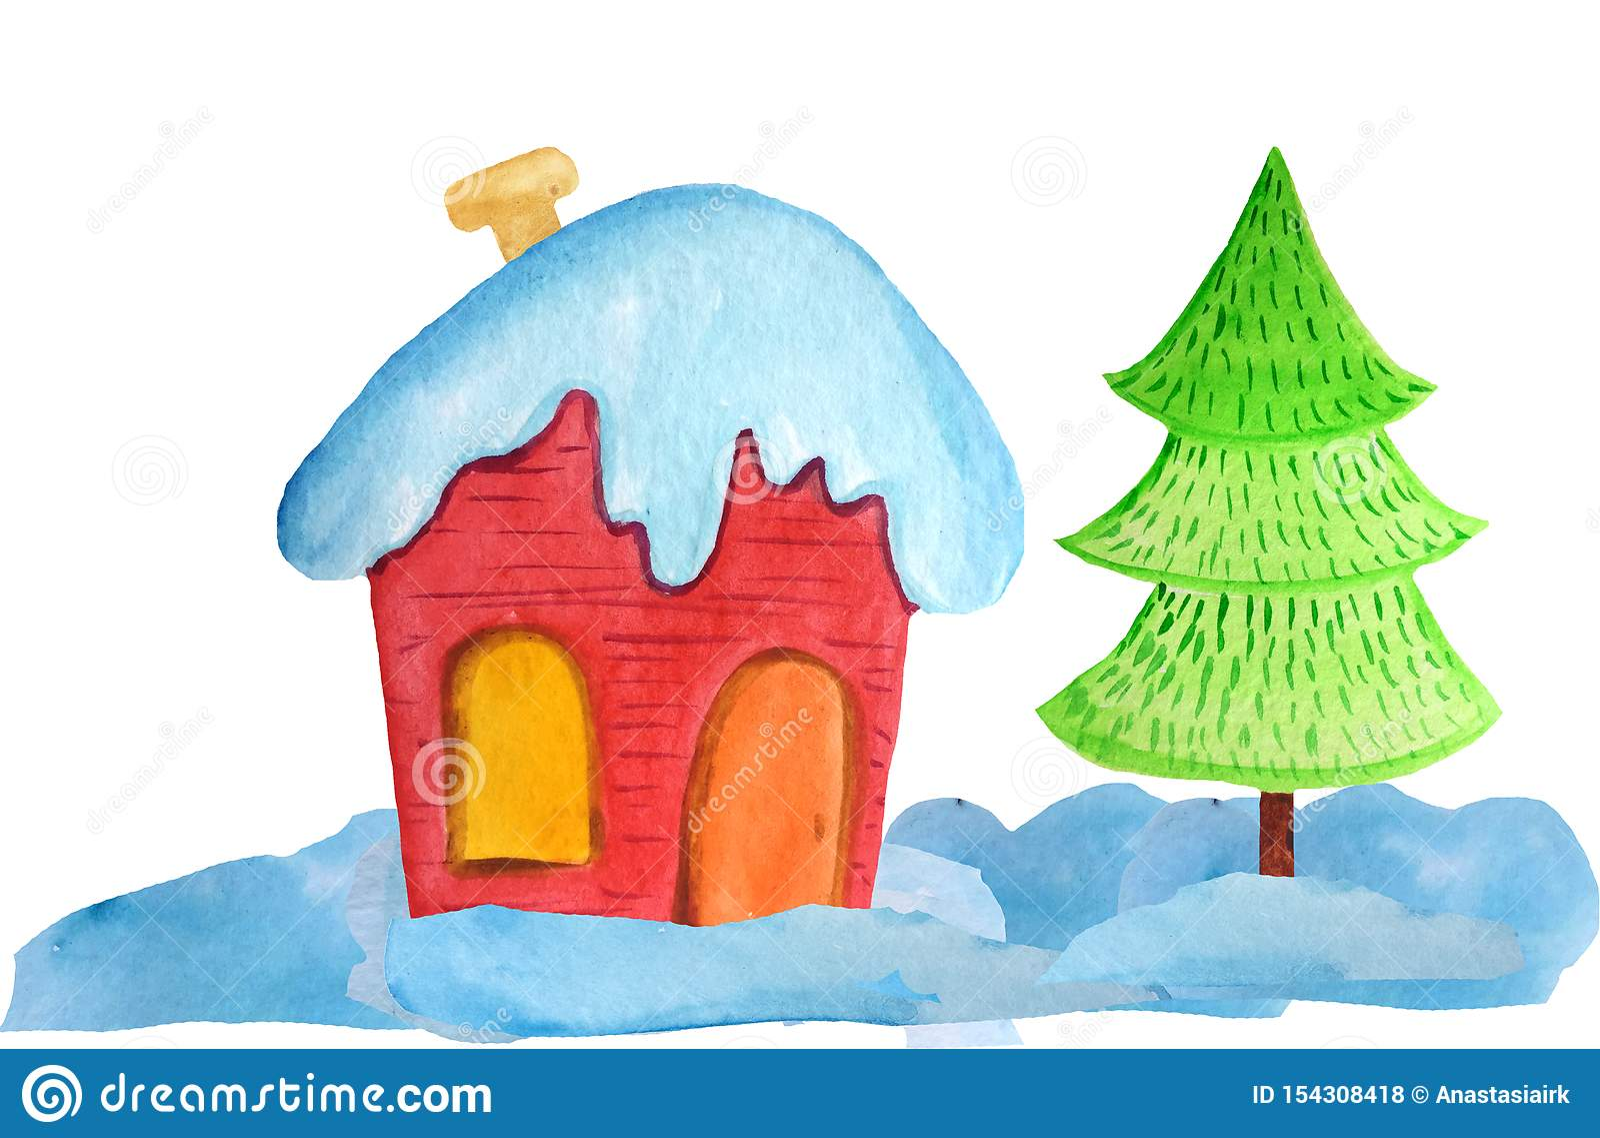 Уютный красный дом рождества в сугробах и дерево на белой предпосылке иллюстрация акварели для плакатов, знамен r